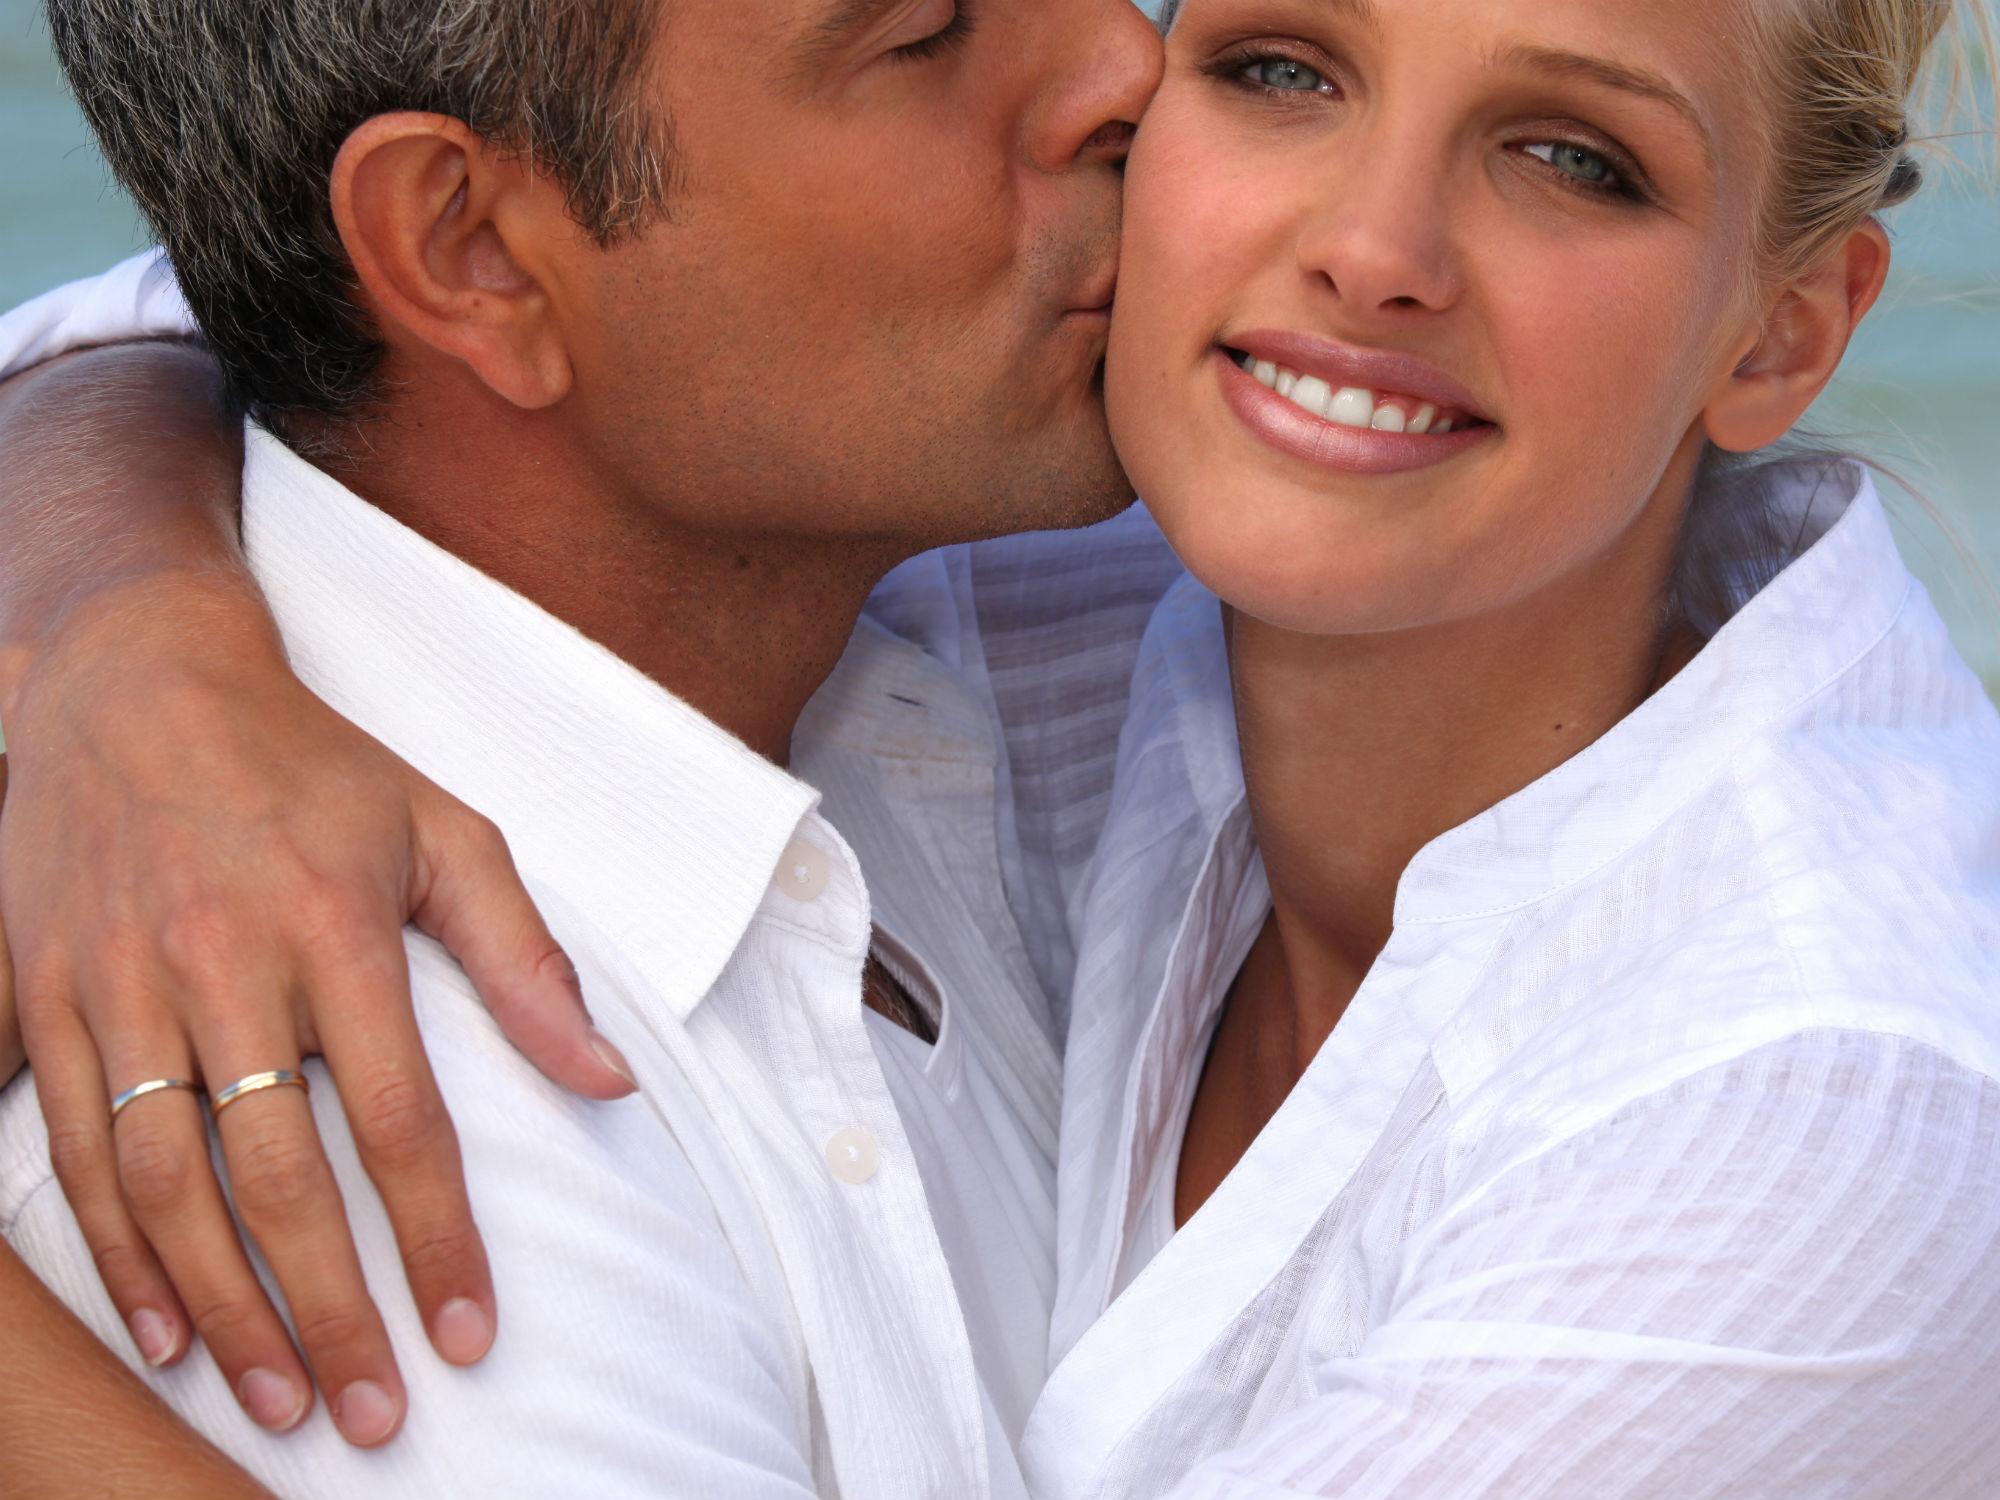 qué busca un hombre de 50 años en una mujer